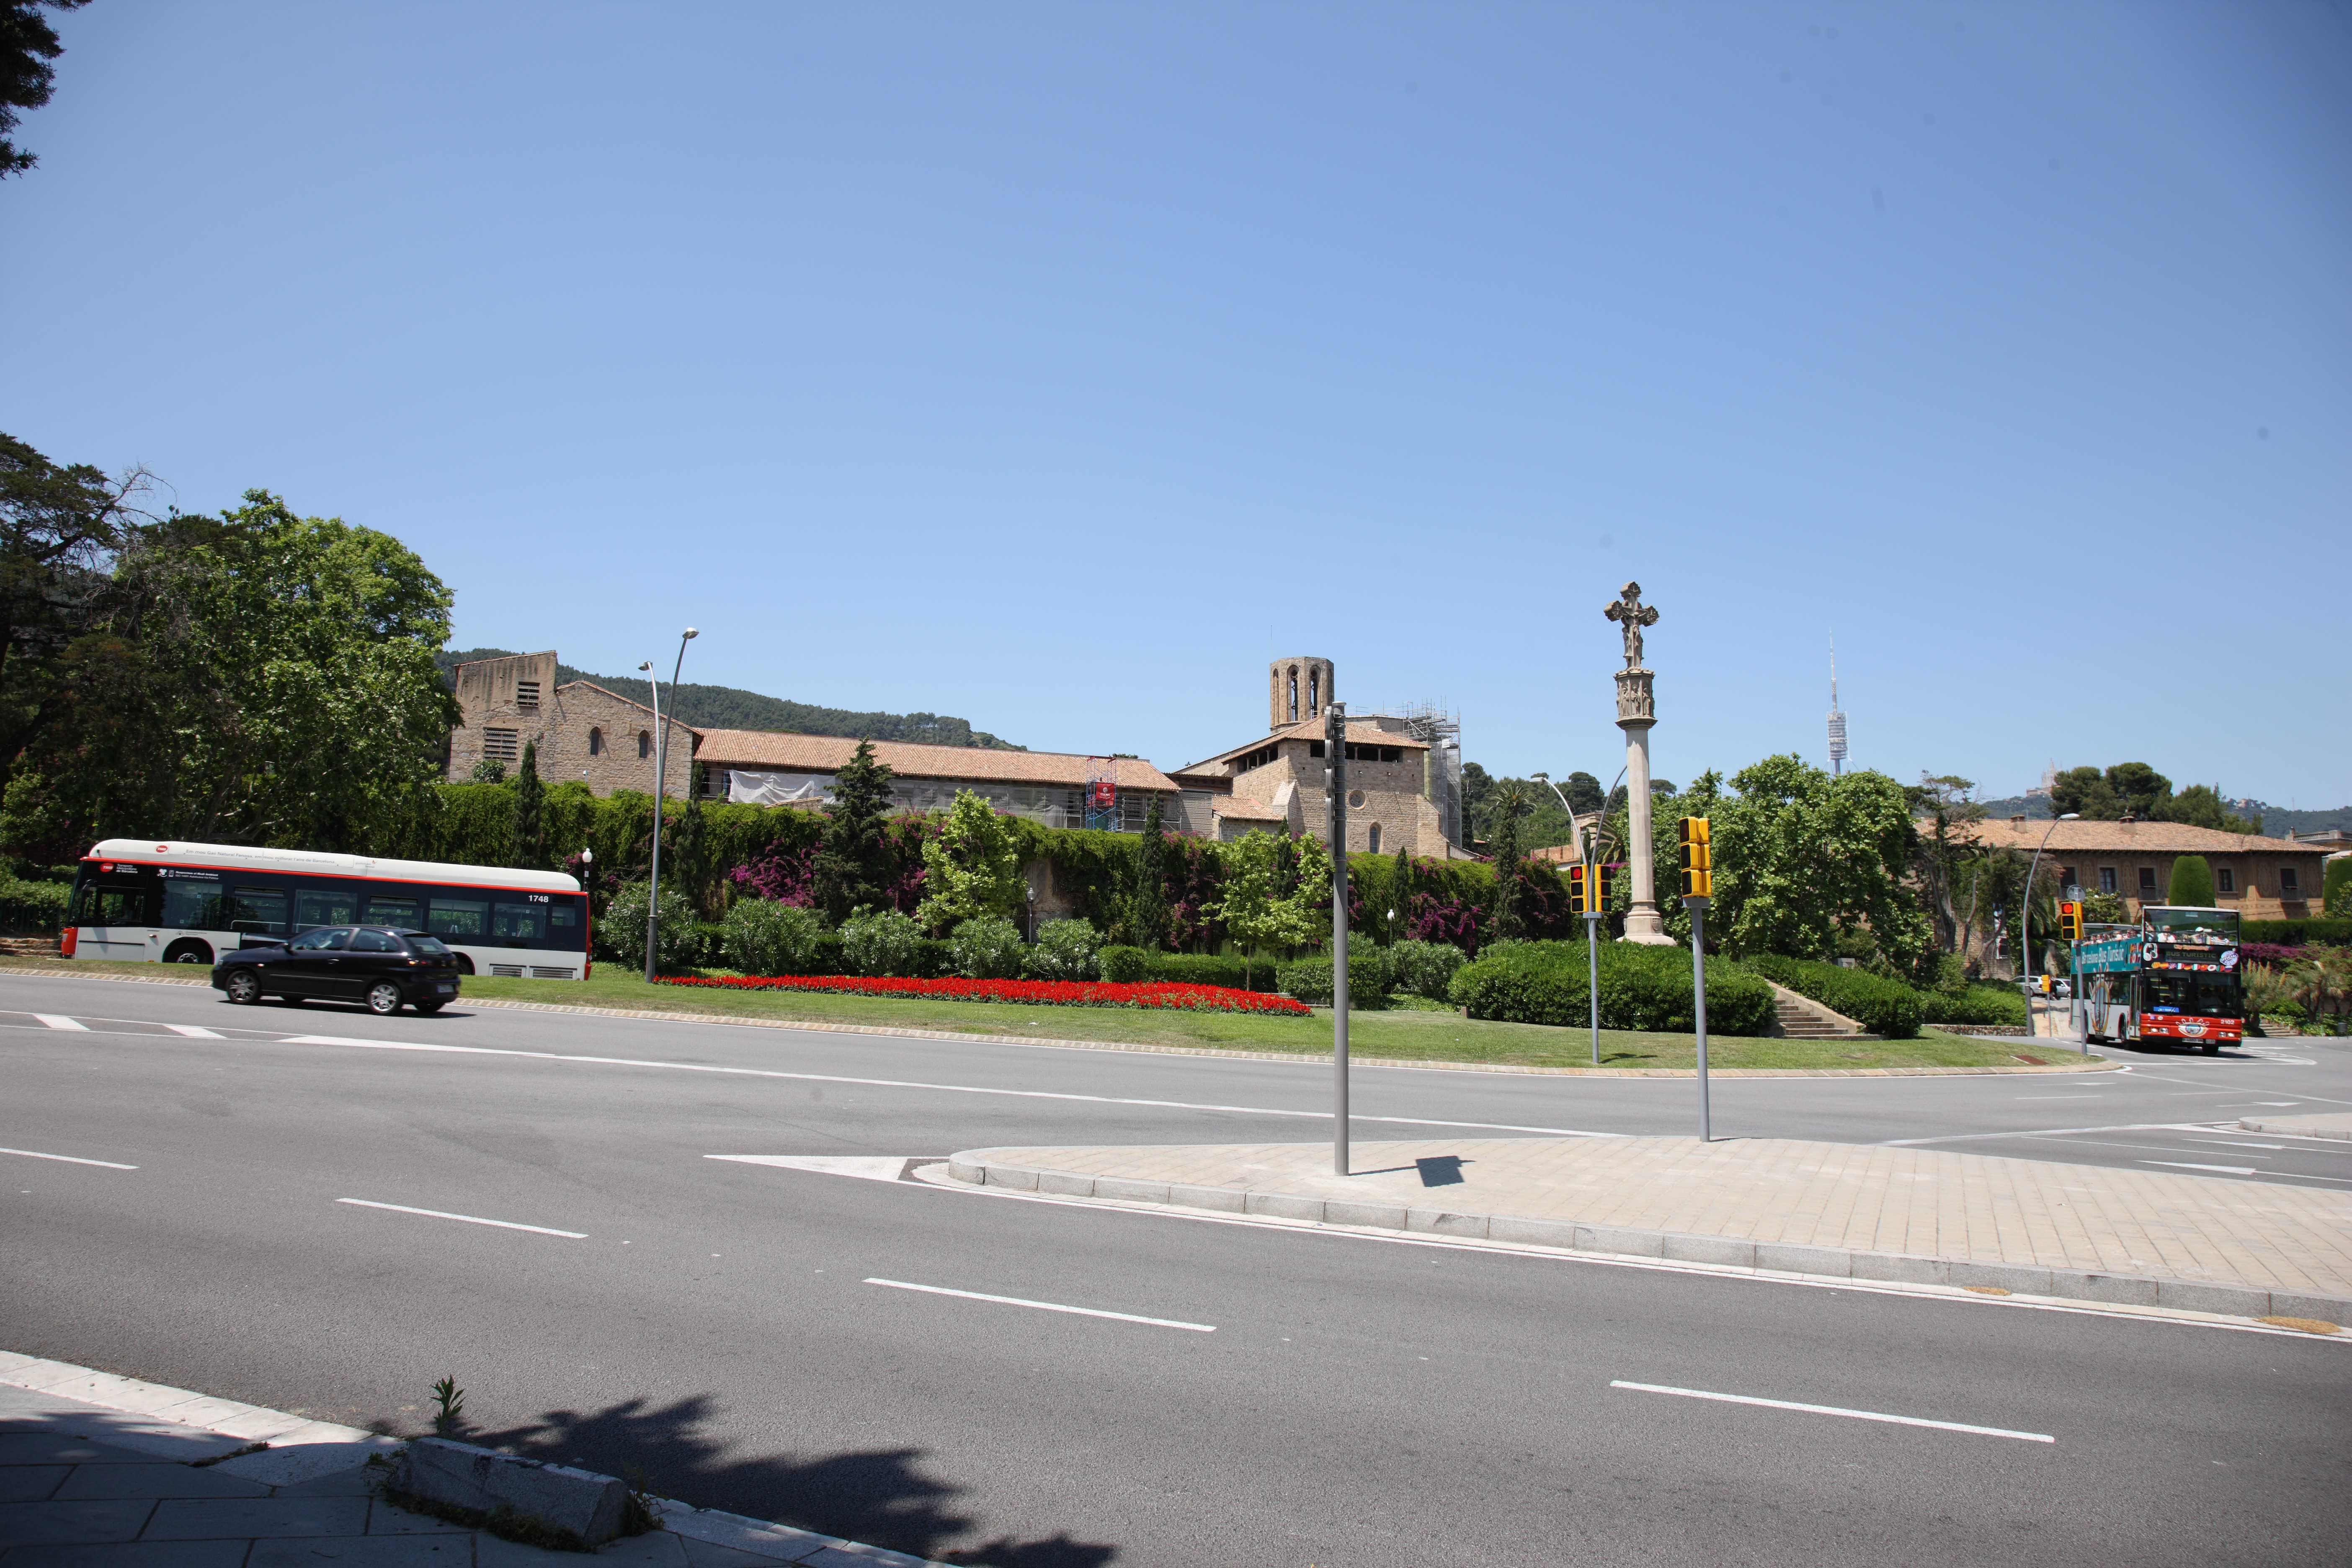 Монастырь Святой Марии в Педральбесе. Купить квартиру в Барселоне, лучшие предложения.